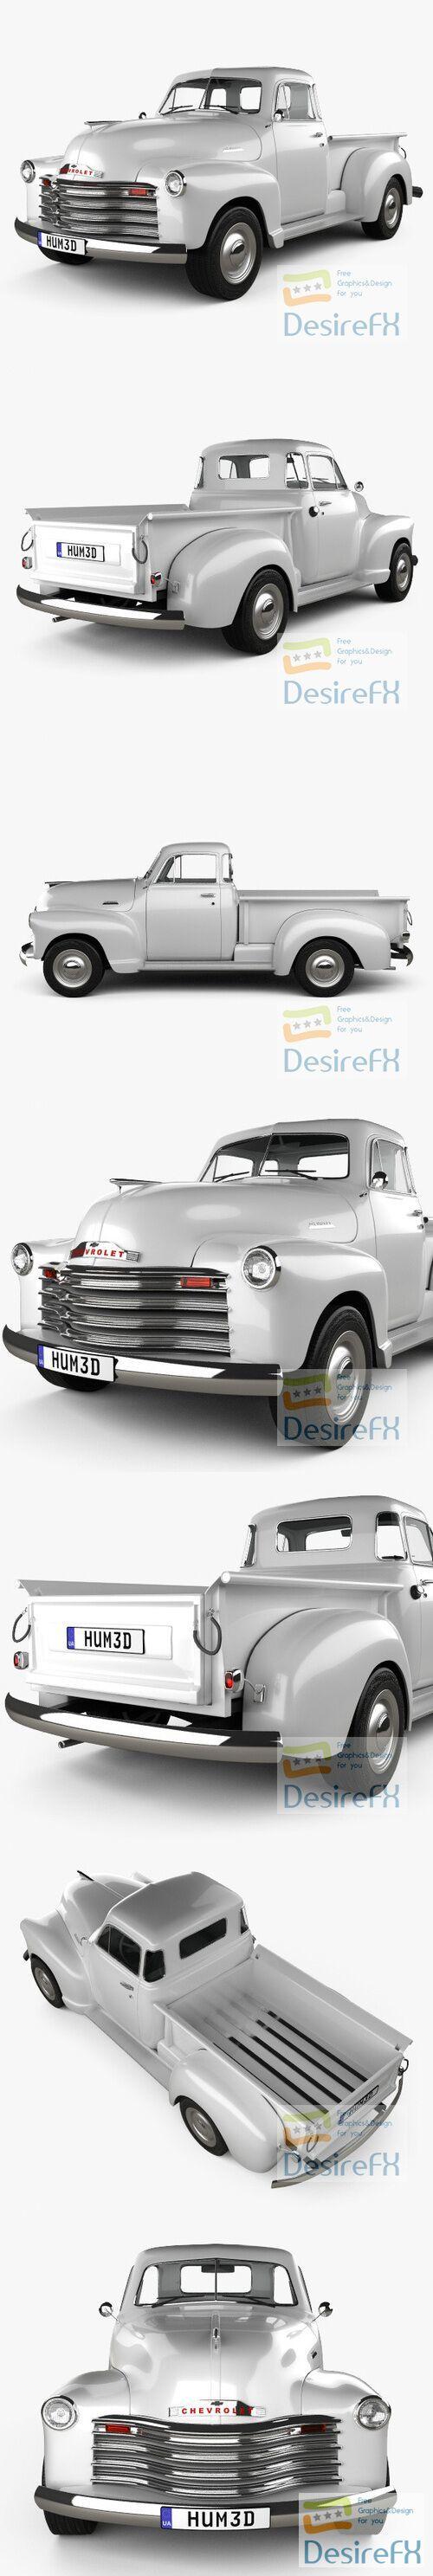 Chevrolet Advance Design Pickup 1951 3D Model